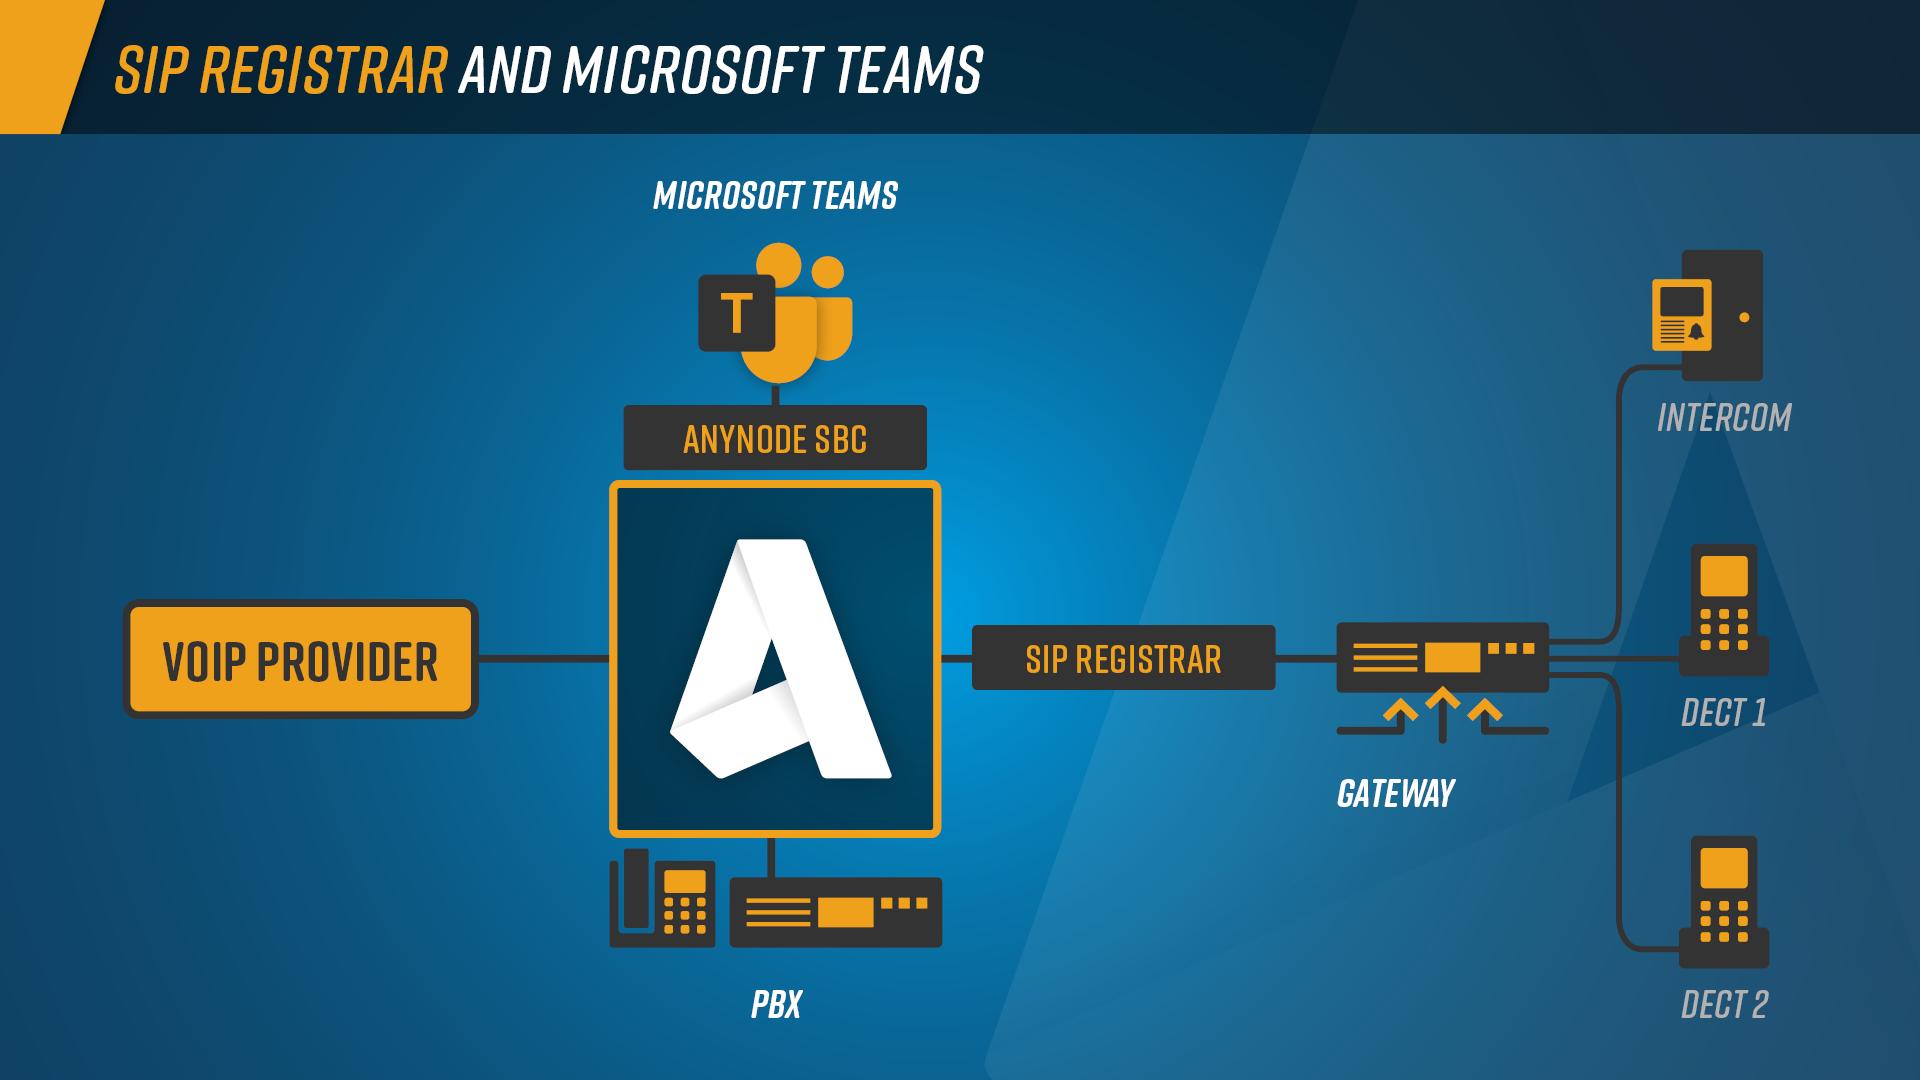 sip Registrar un MS Teams Infographic